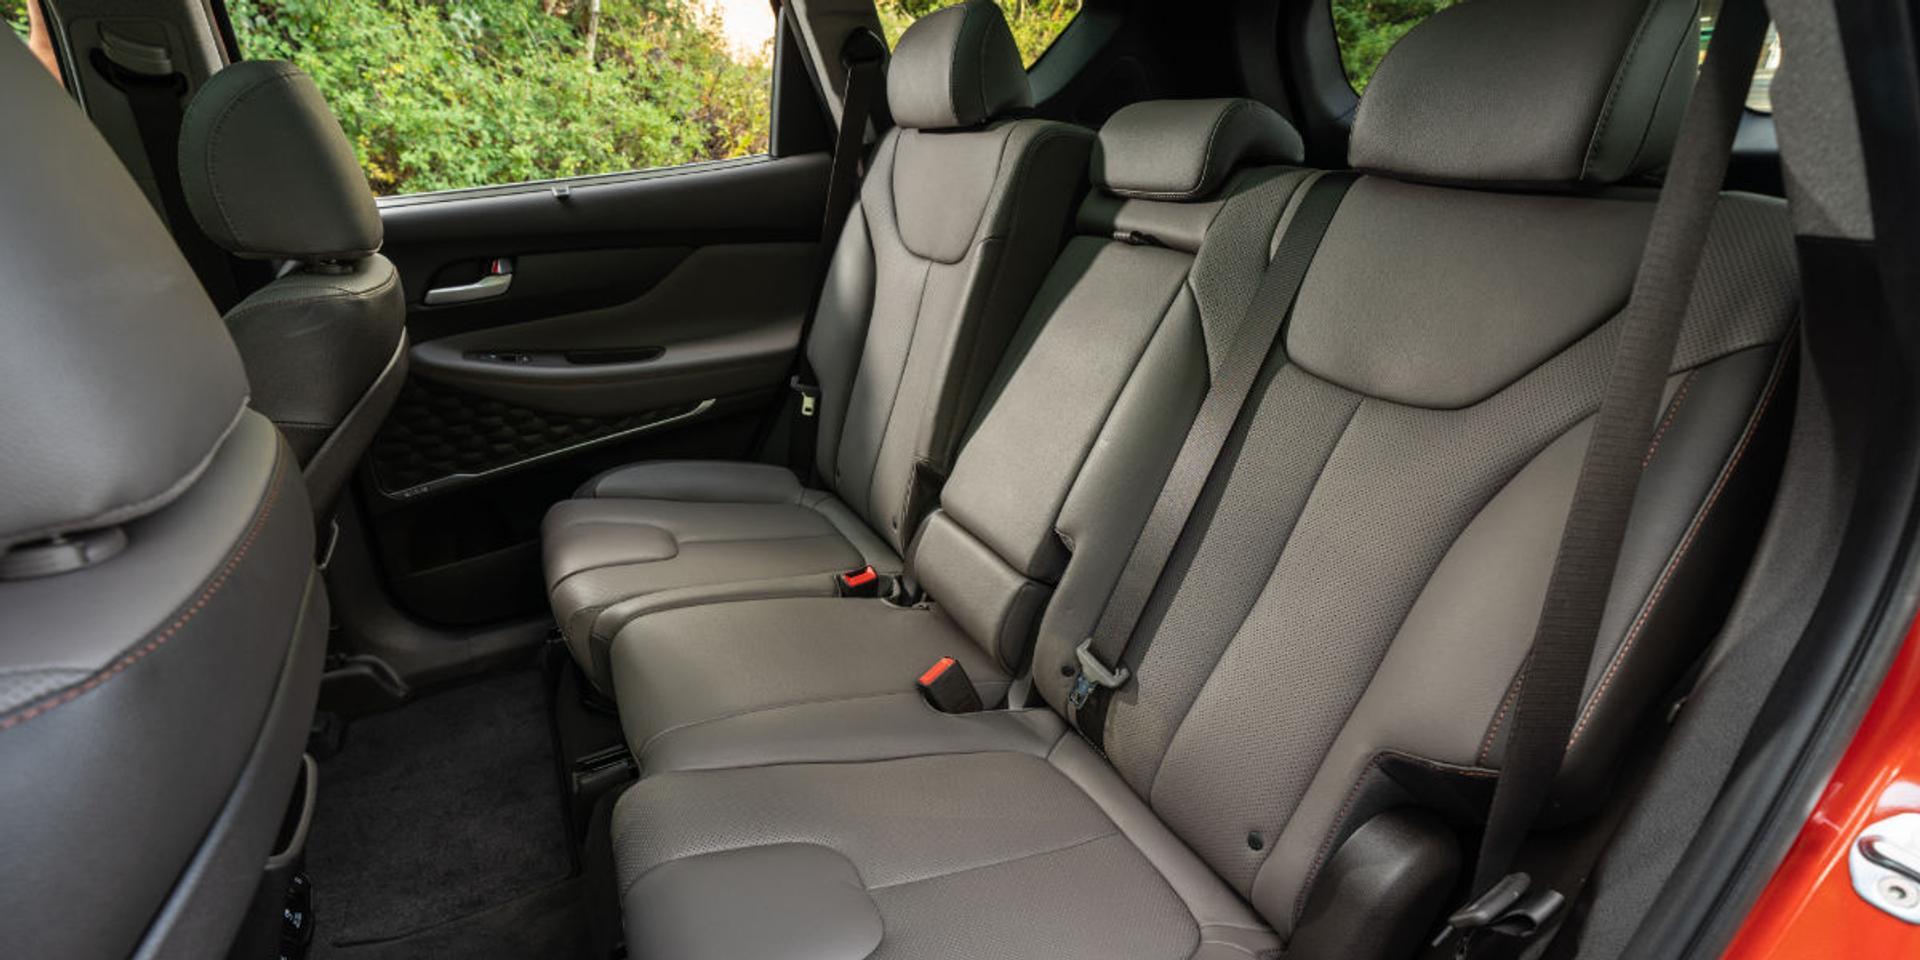 Hyundai Santa Fe rear seats